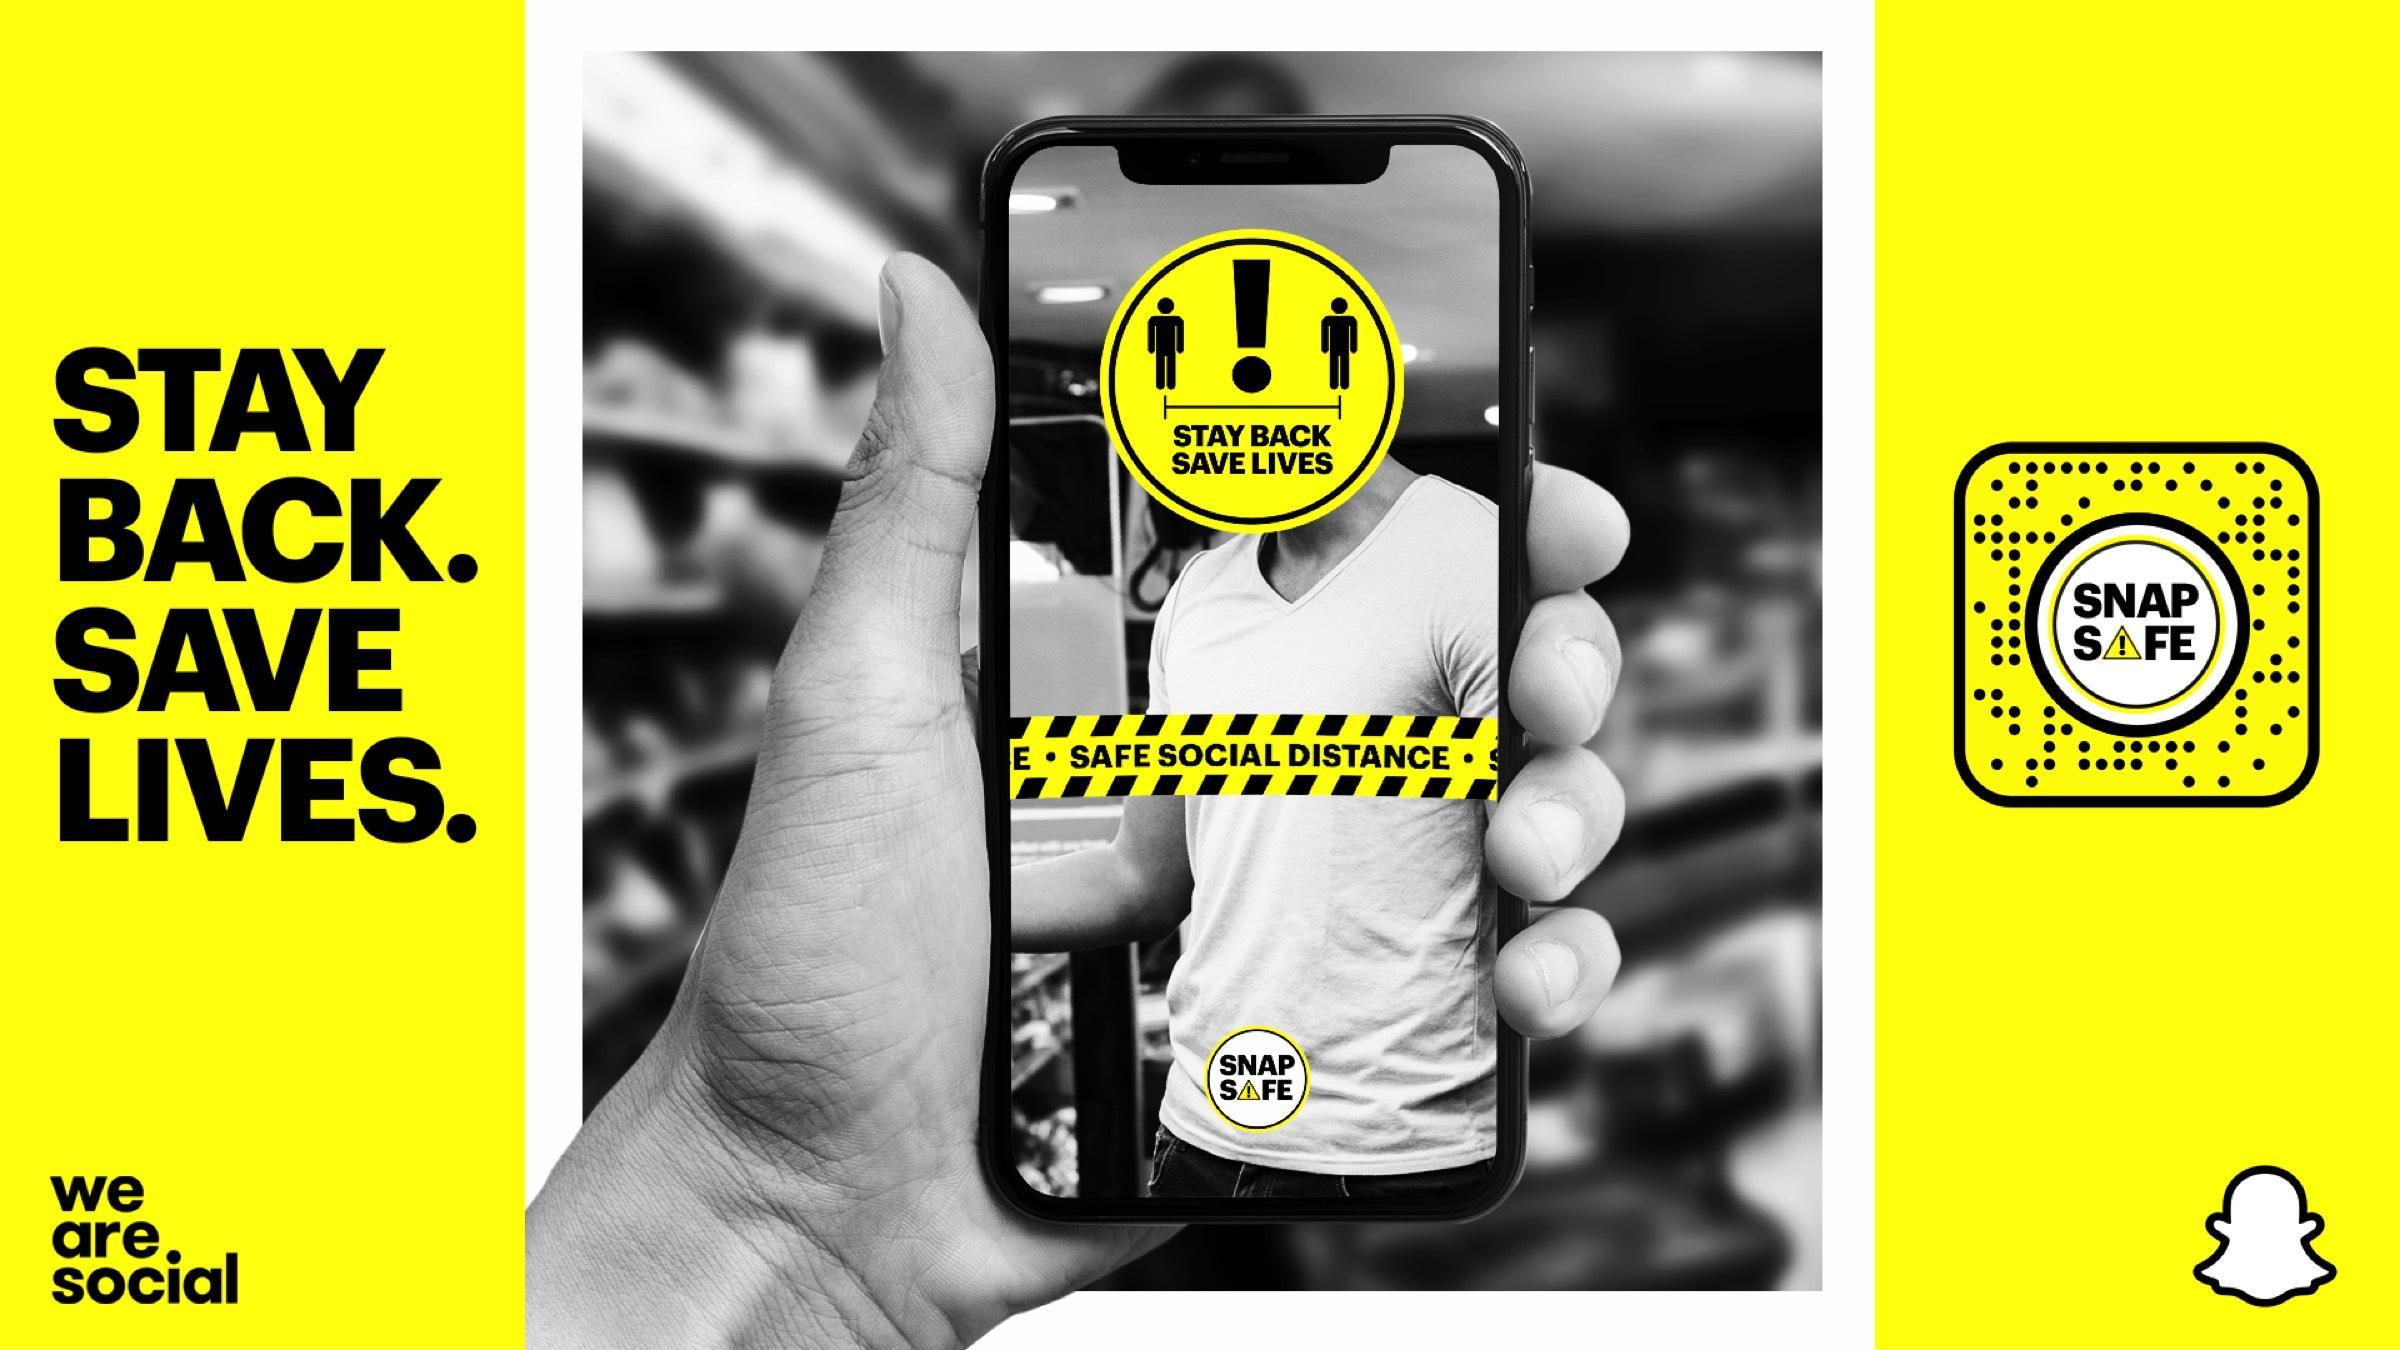 Snapchat'ten Sosyal Mesafeyi Korumayı Sağlayan Artırılmış Gerçeklik Lensi